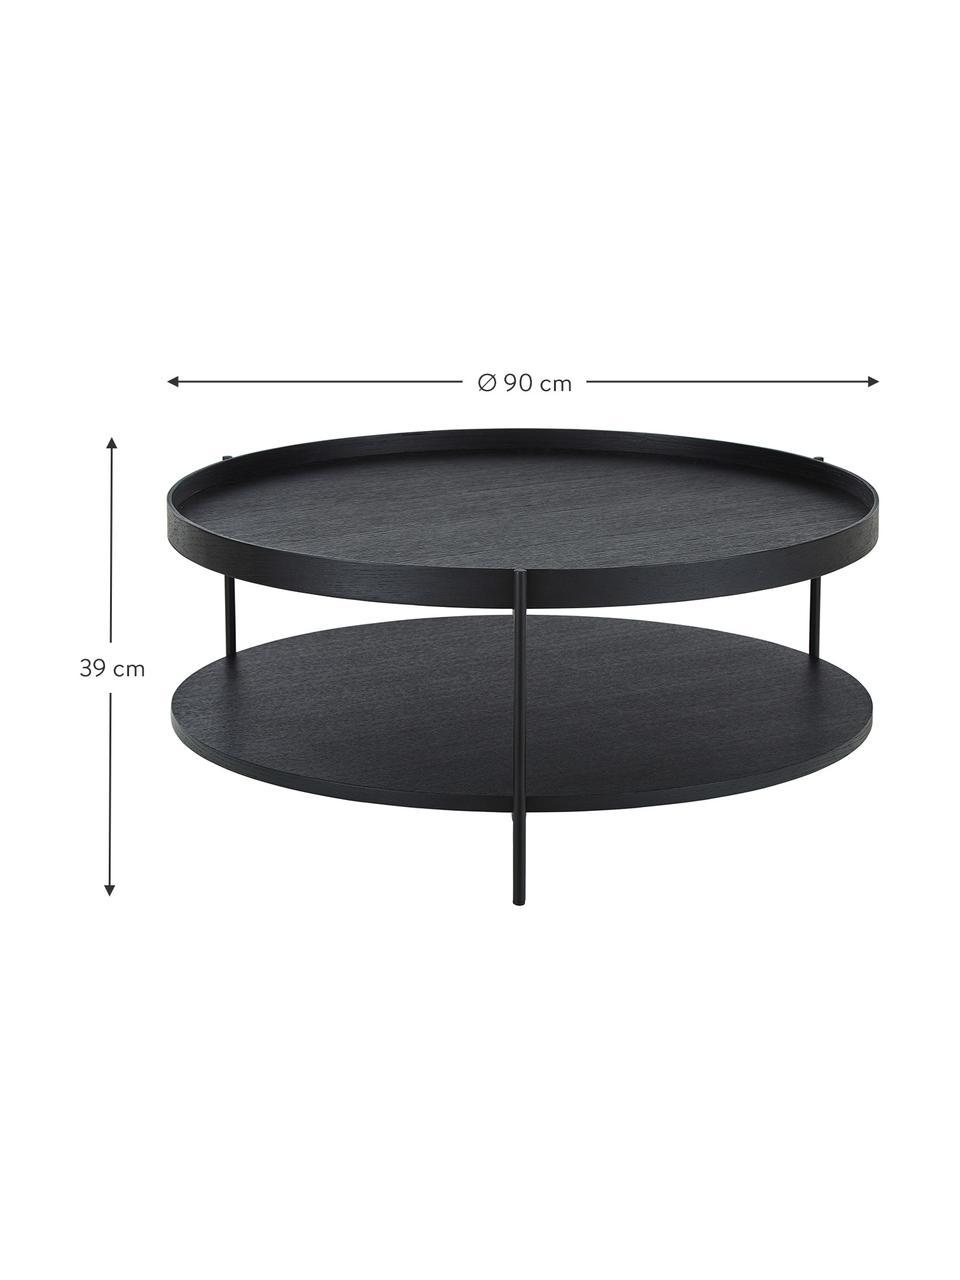 Duży stolik kawowy z półką Renee, Blat: płyta pilśniowa średniej , Stelaż: metal malowany proszkowo, Czarny, Ø 90 x W 39 cm